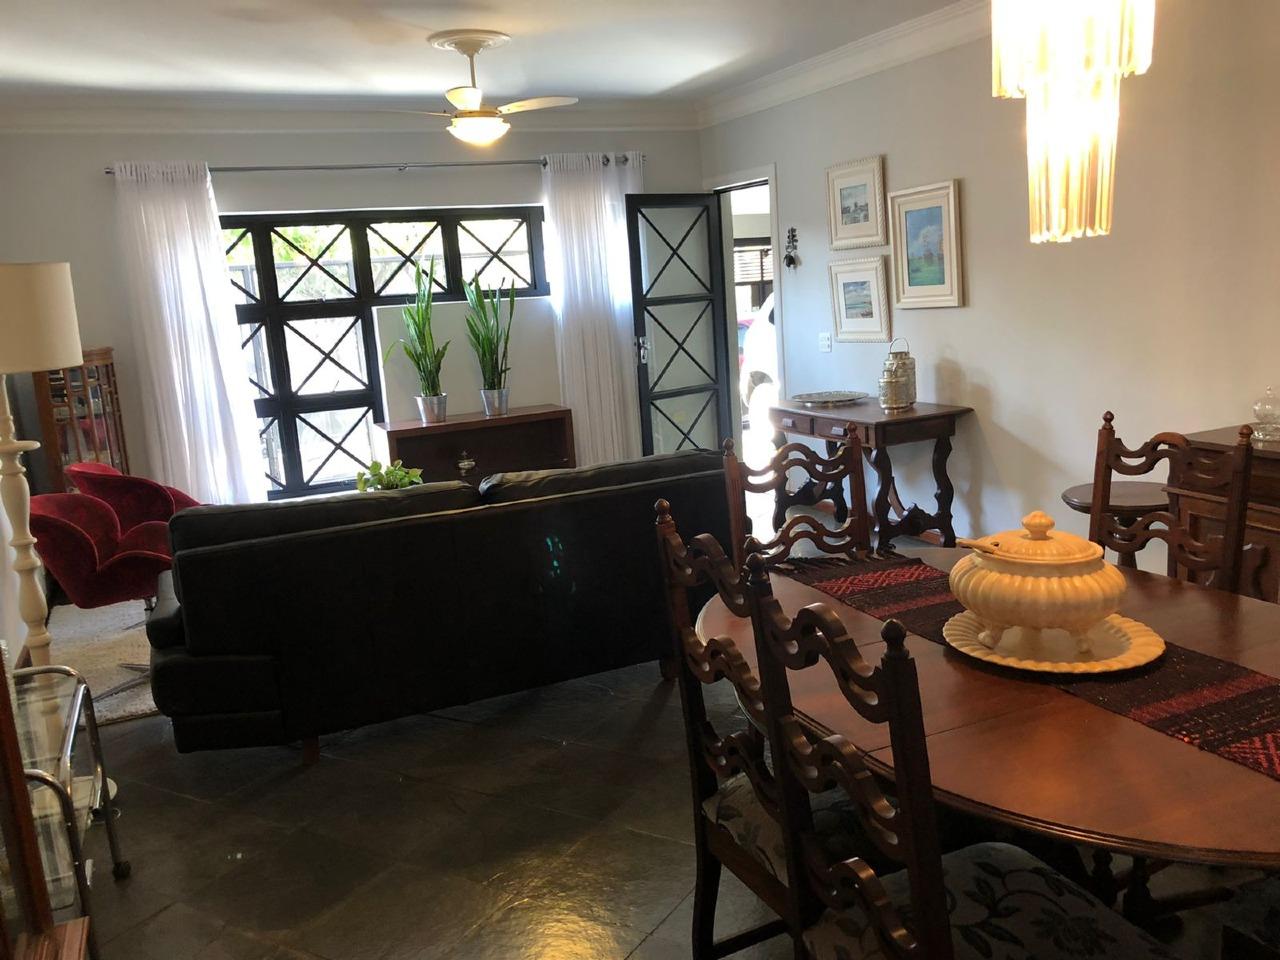 Casa para comprar, 4 quartos, 1 suíte, 2 vagas, no bairro Centro em Piracicaba - SP